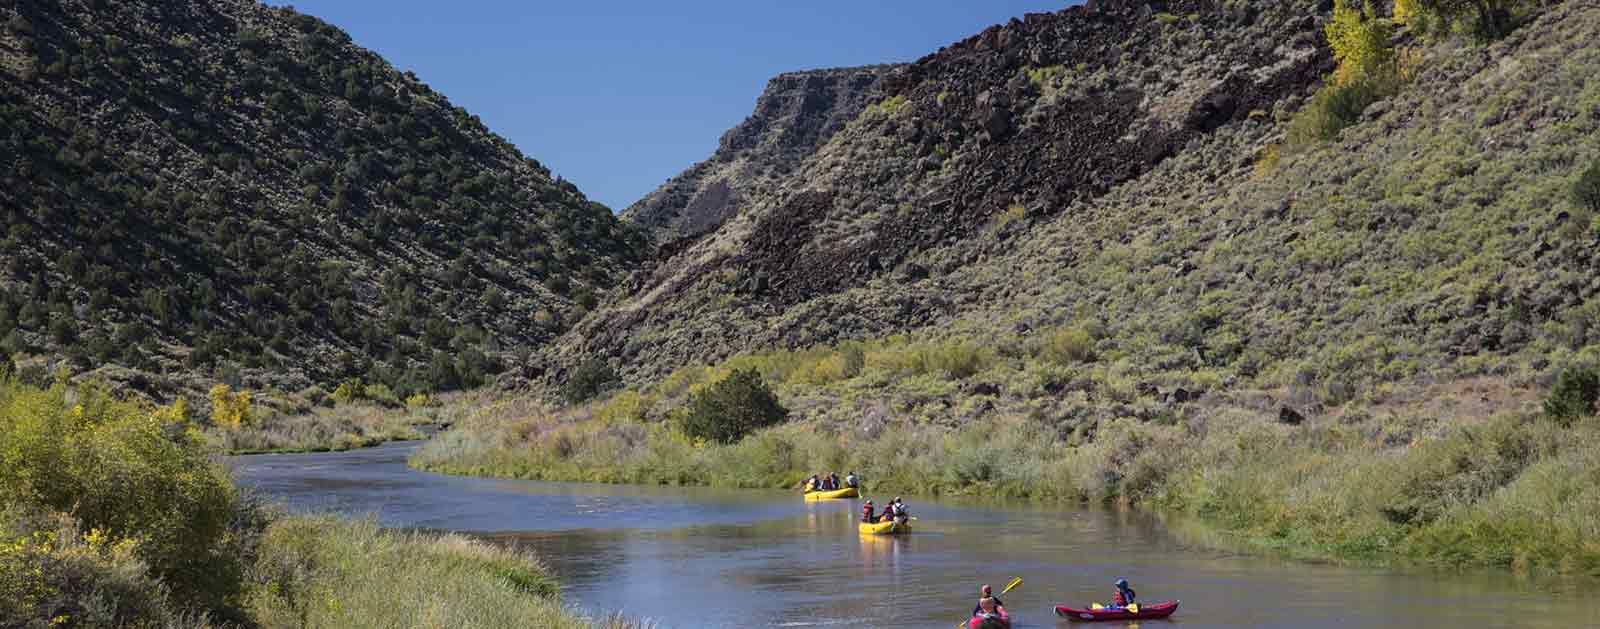 Rio Grande River American Rivers